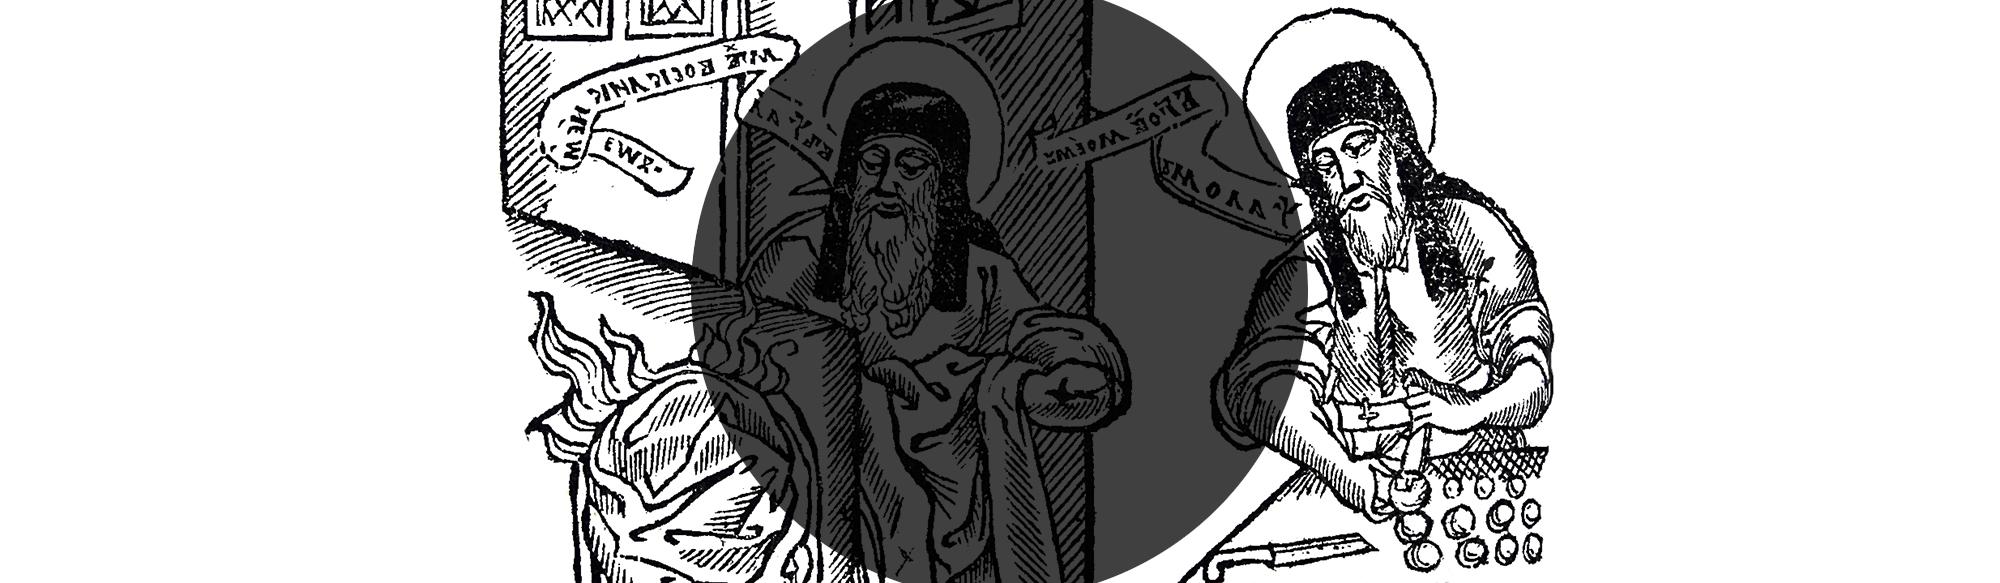 Київська кухня часів Богдана Хмельницького - Частина ІІ: Монастирські ласощі